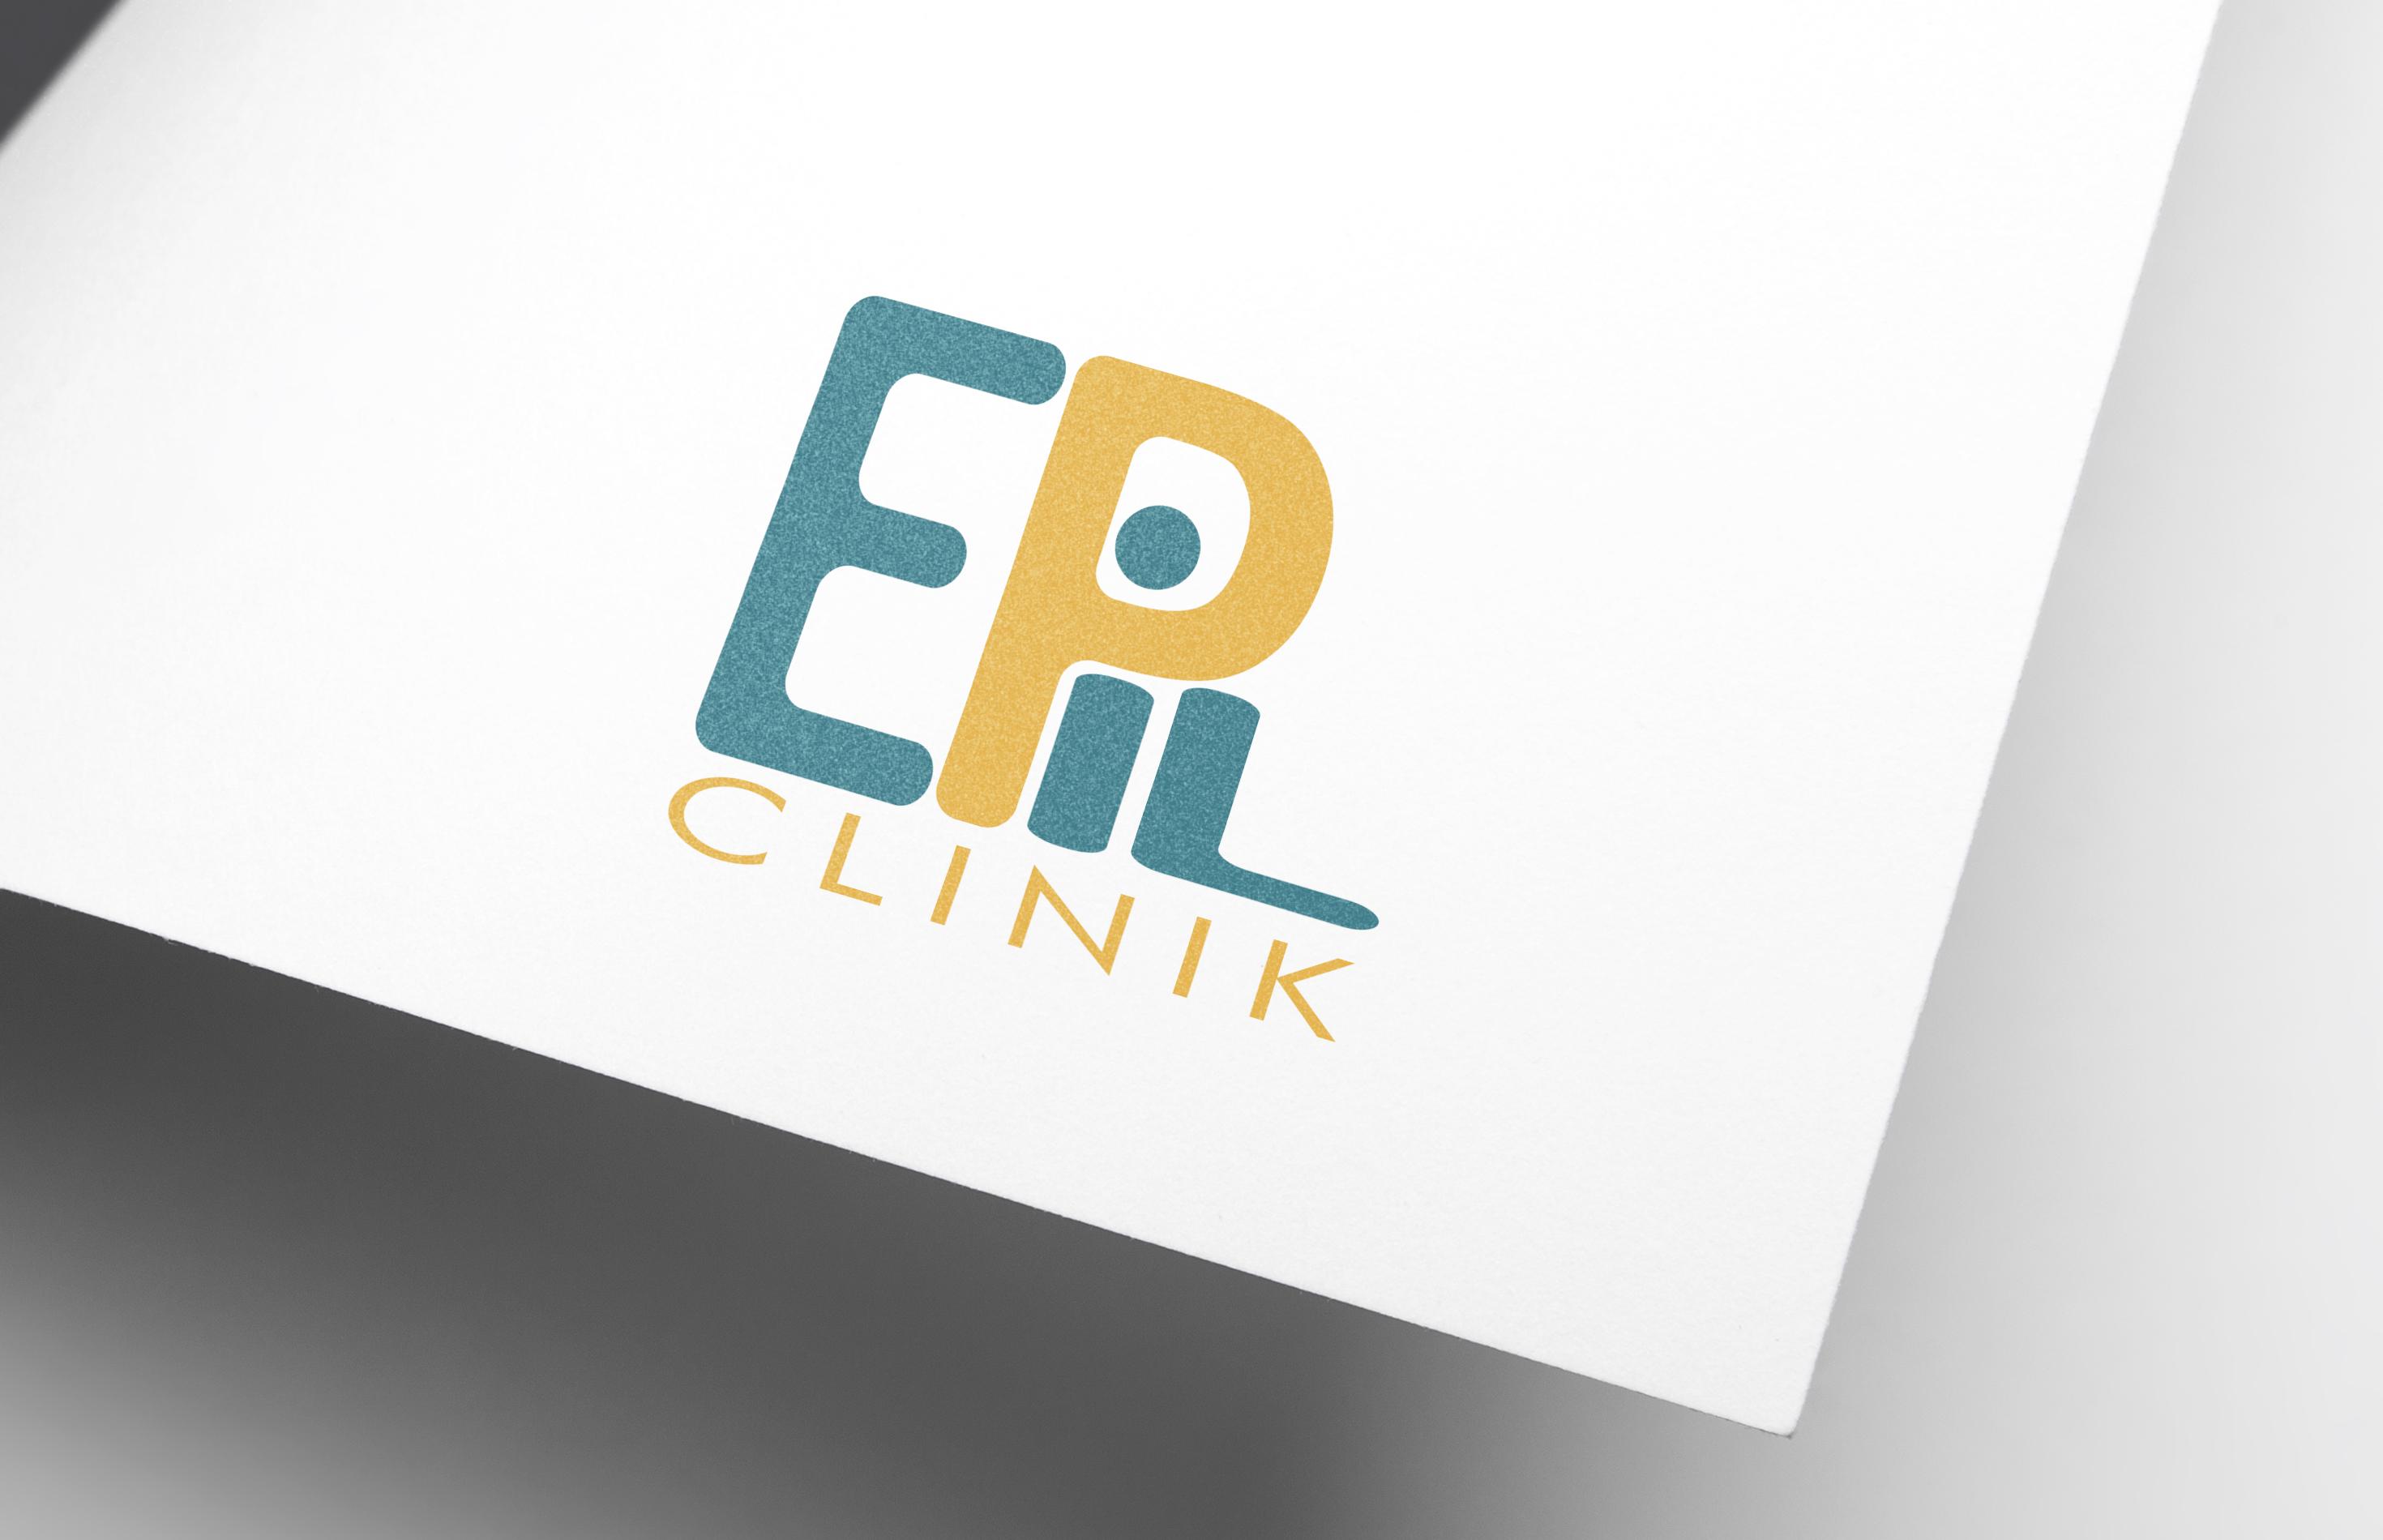 Логотип , фирменный стиль  фото f_1755e1e0fa3d41fe.jpg